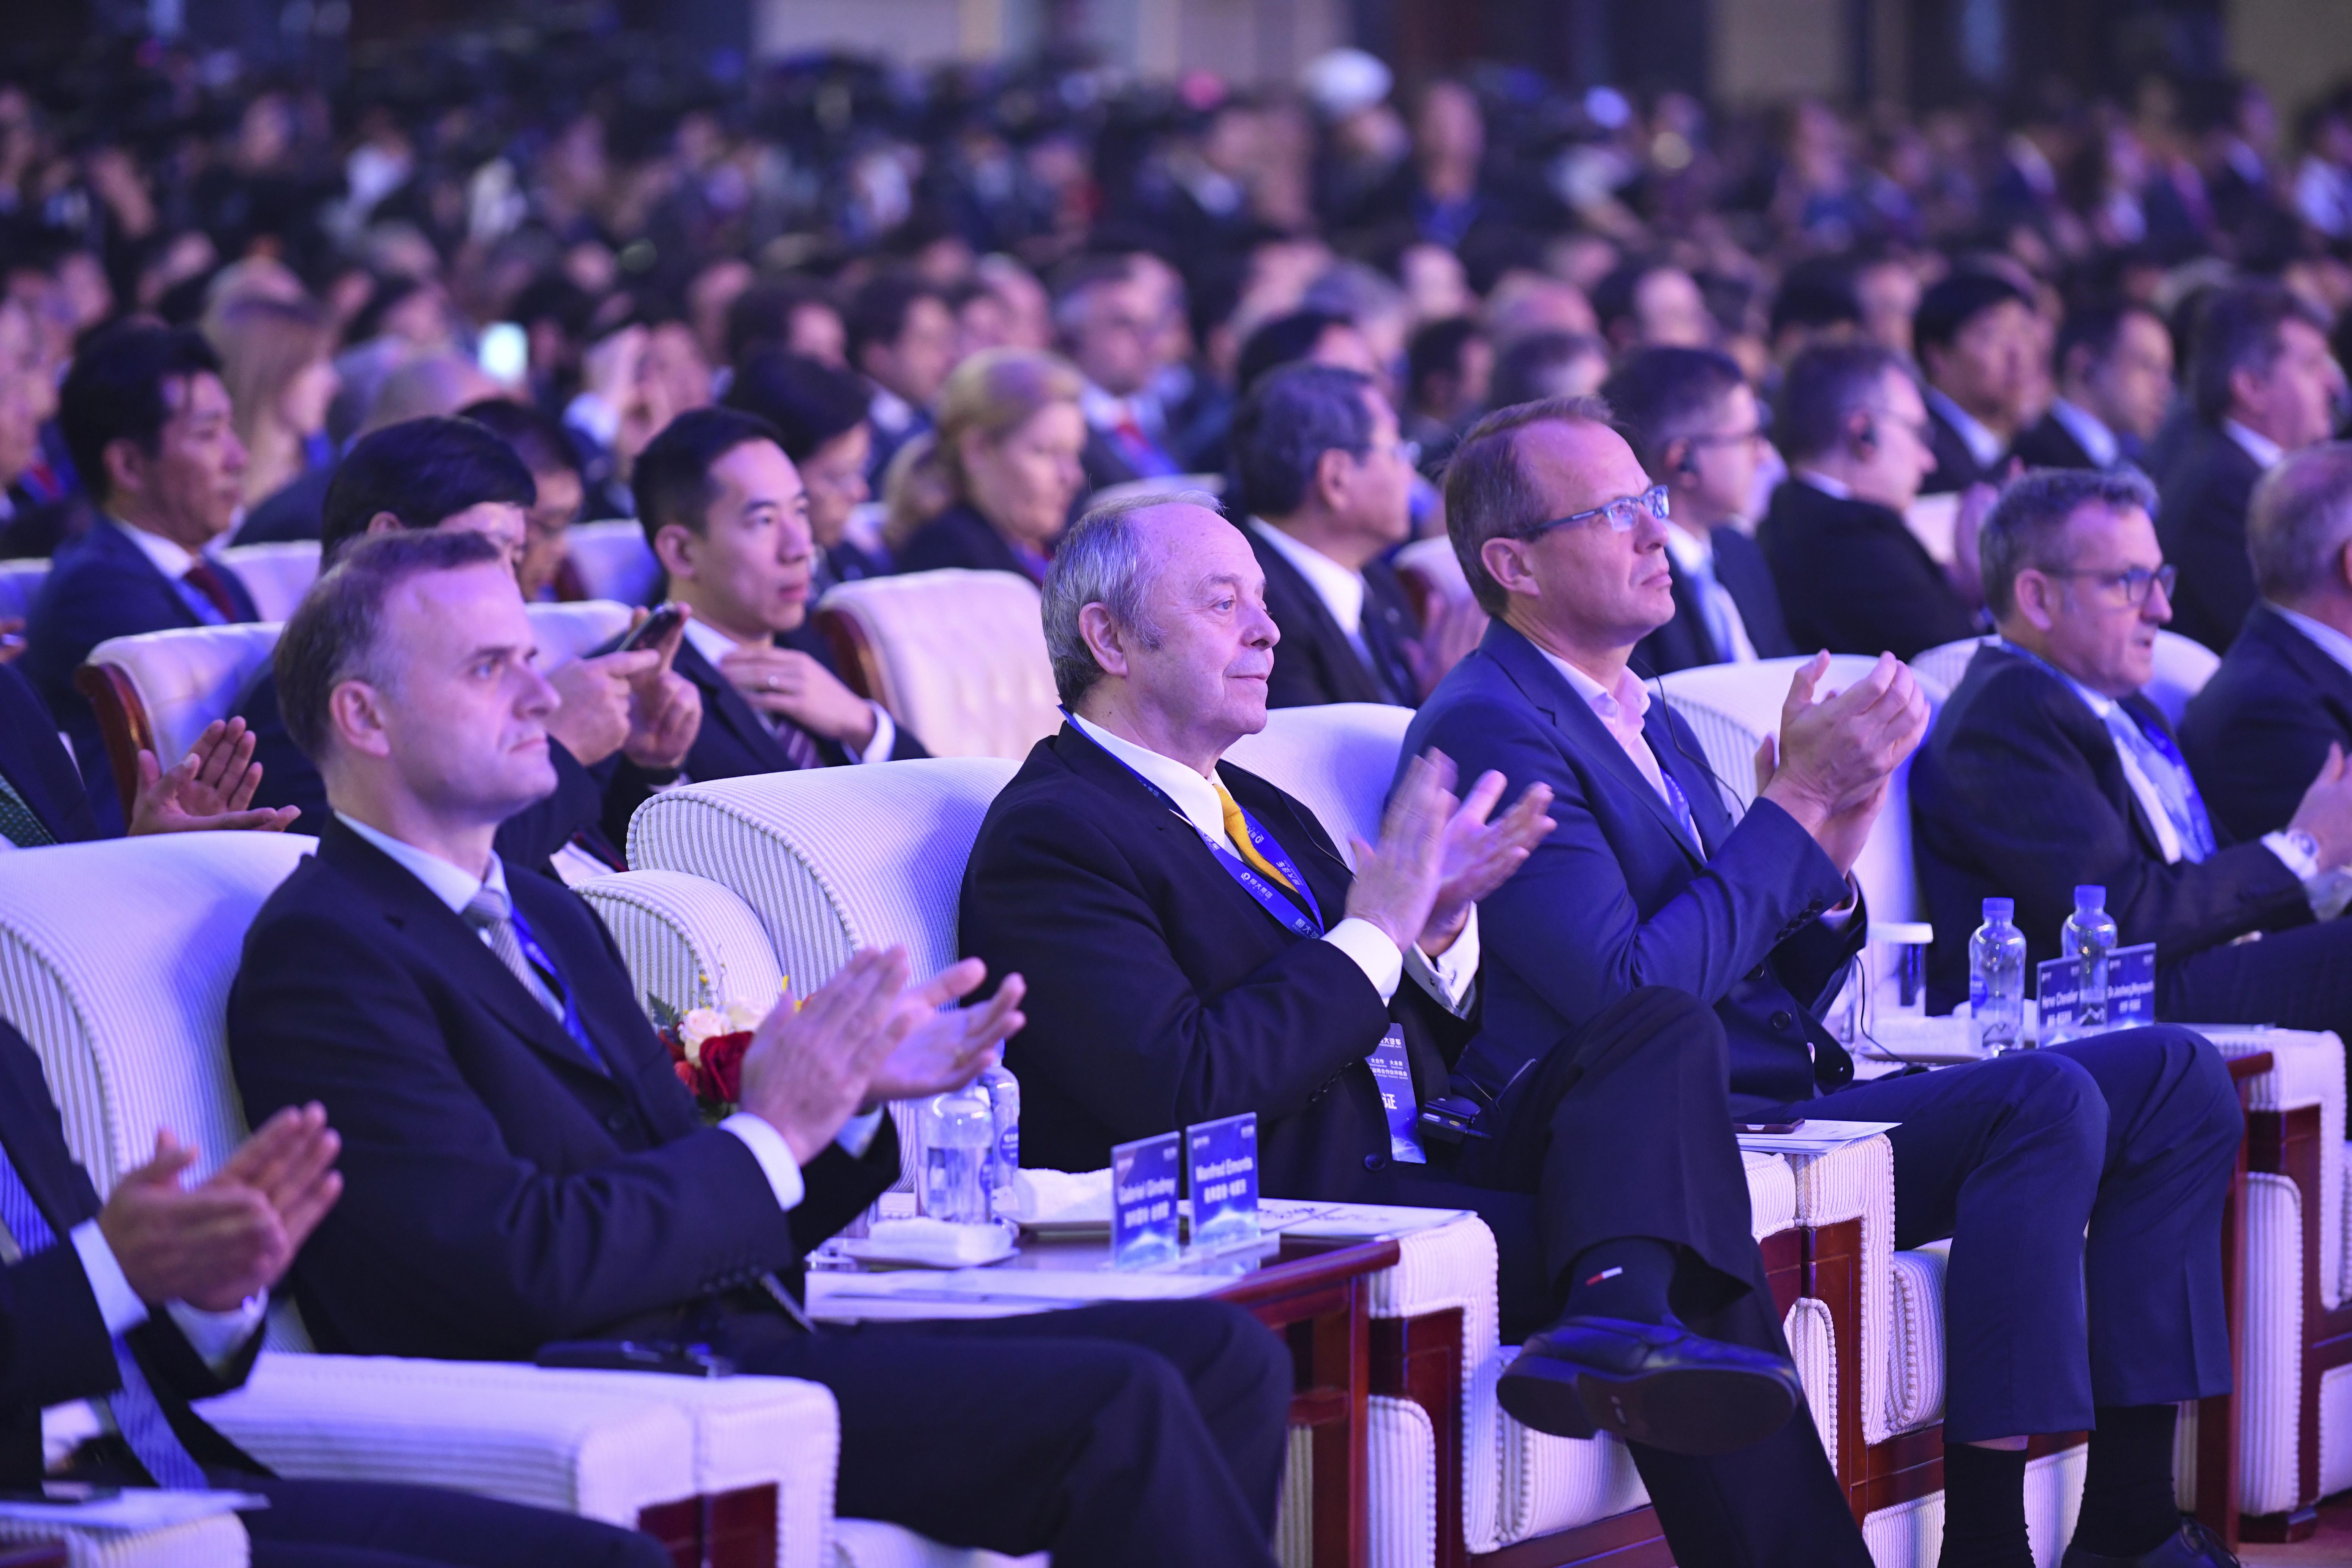 206家全球汽车产业各领域龙头企业CEO及高管出席峰会